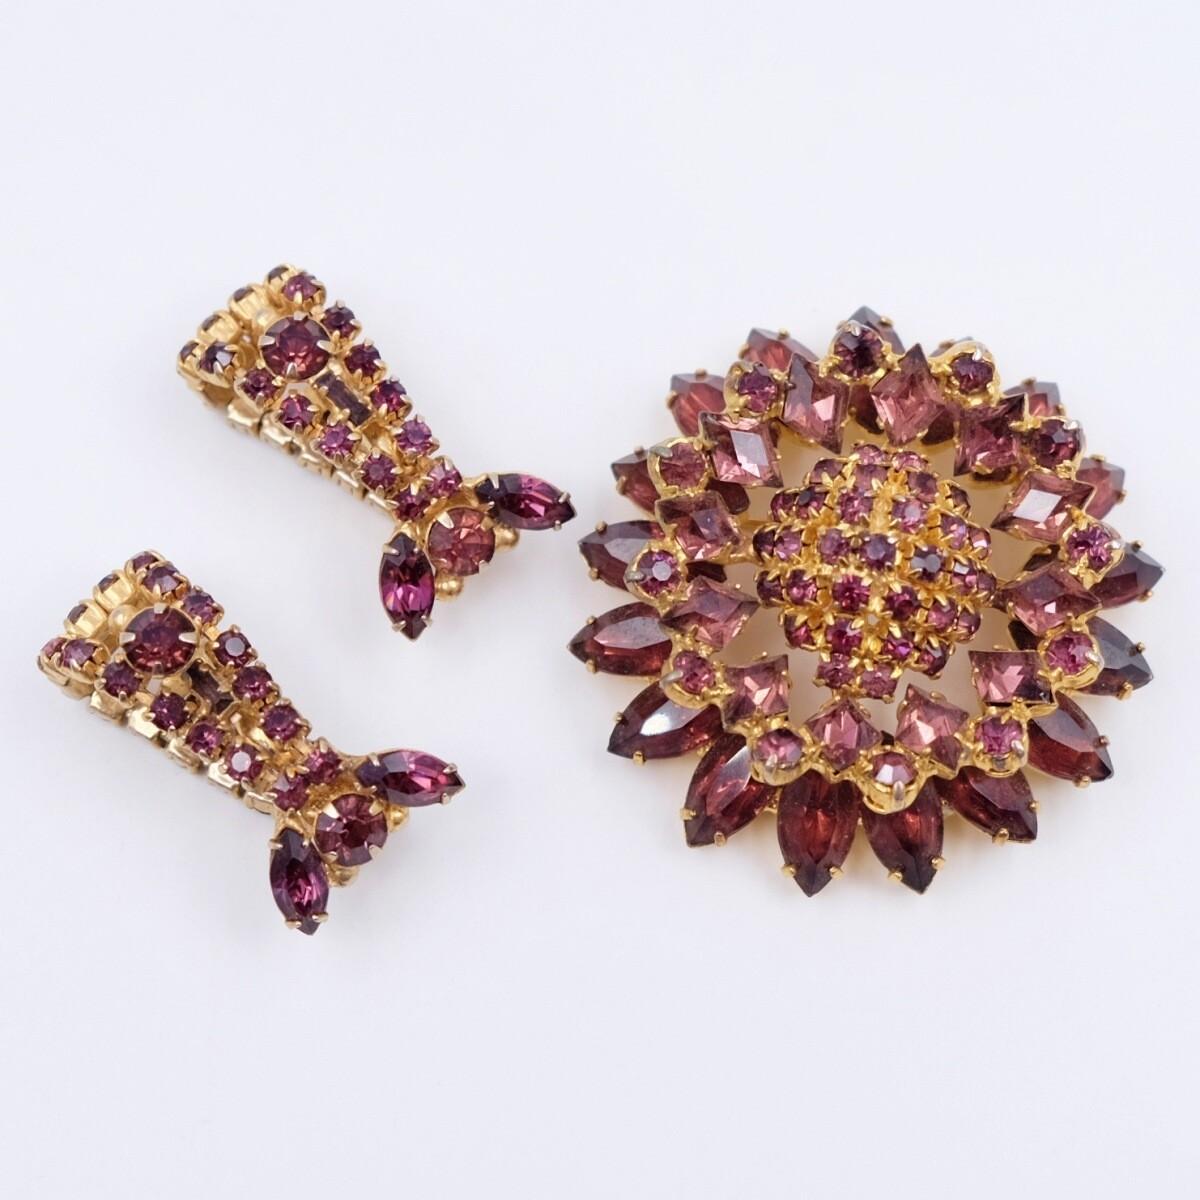 Rare Mermaid Brooch and Earrings Purple Set